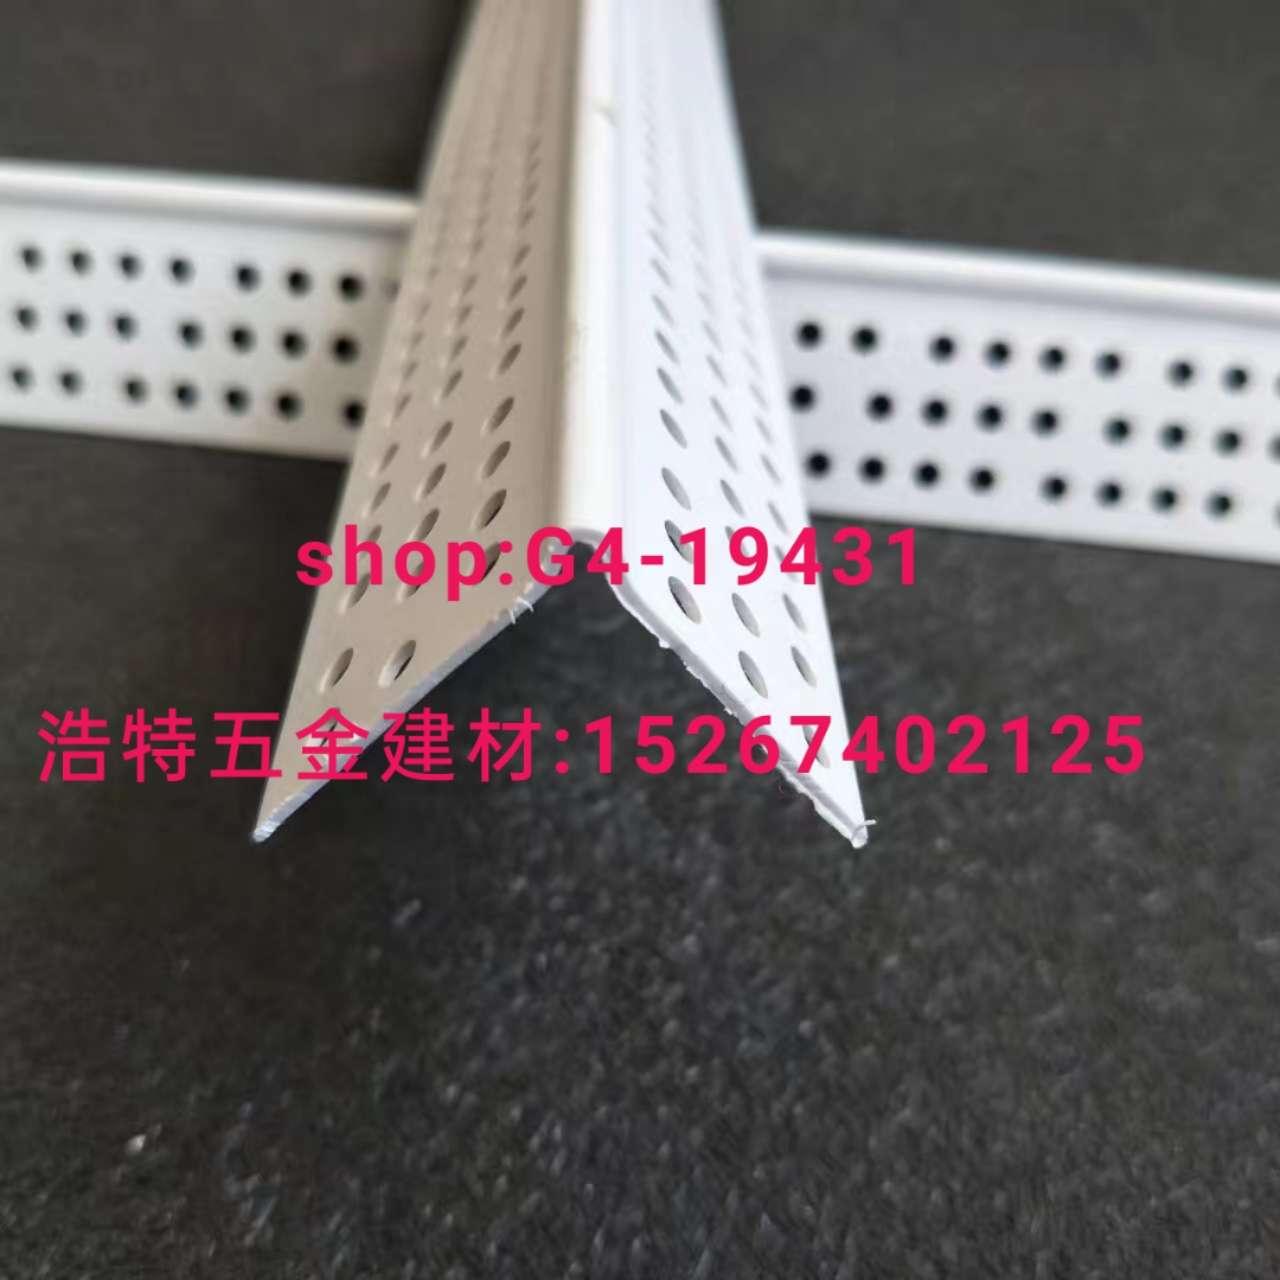 铝护角条 阳角条补缝条修边条分割条直角条卡槽开口条pvc护角网踢脚线铝条